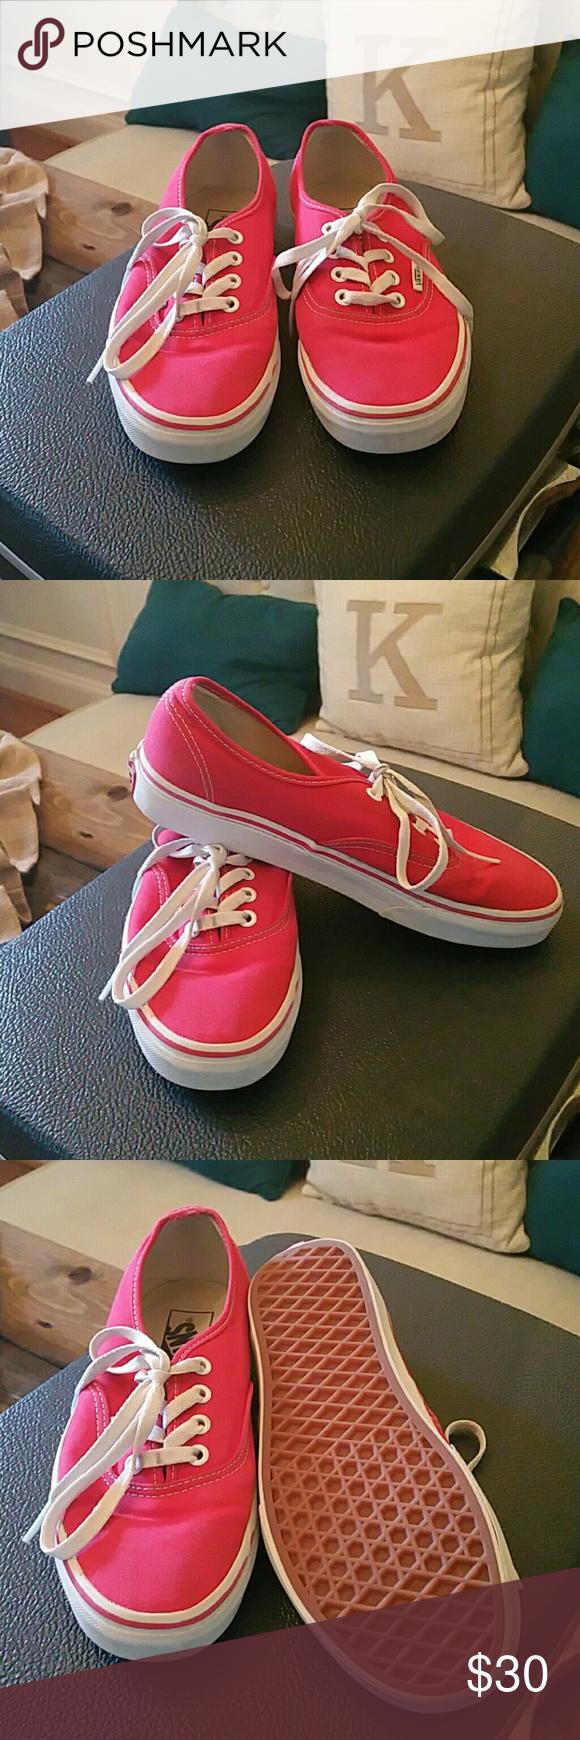 Vans sneakers Vans sneakers  Red color Women US 7.5 Vans Shoes Sneakers